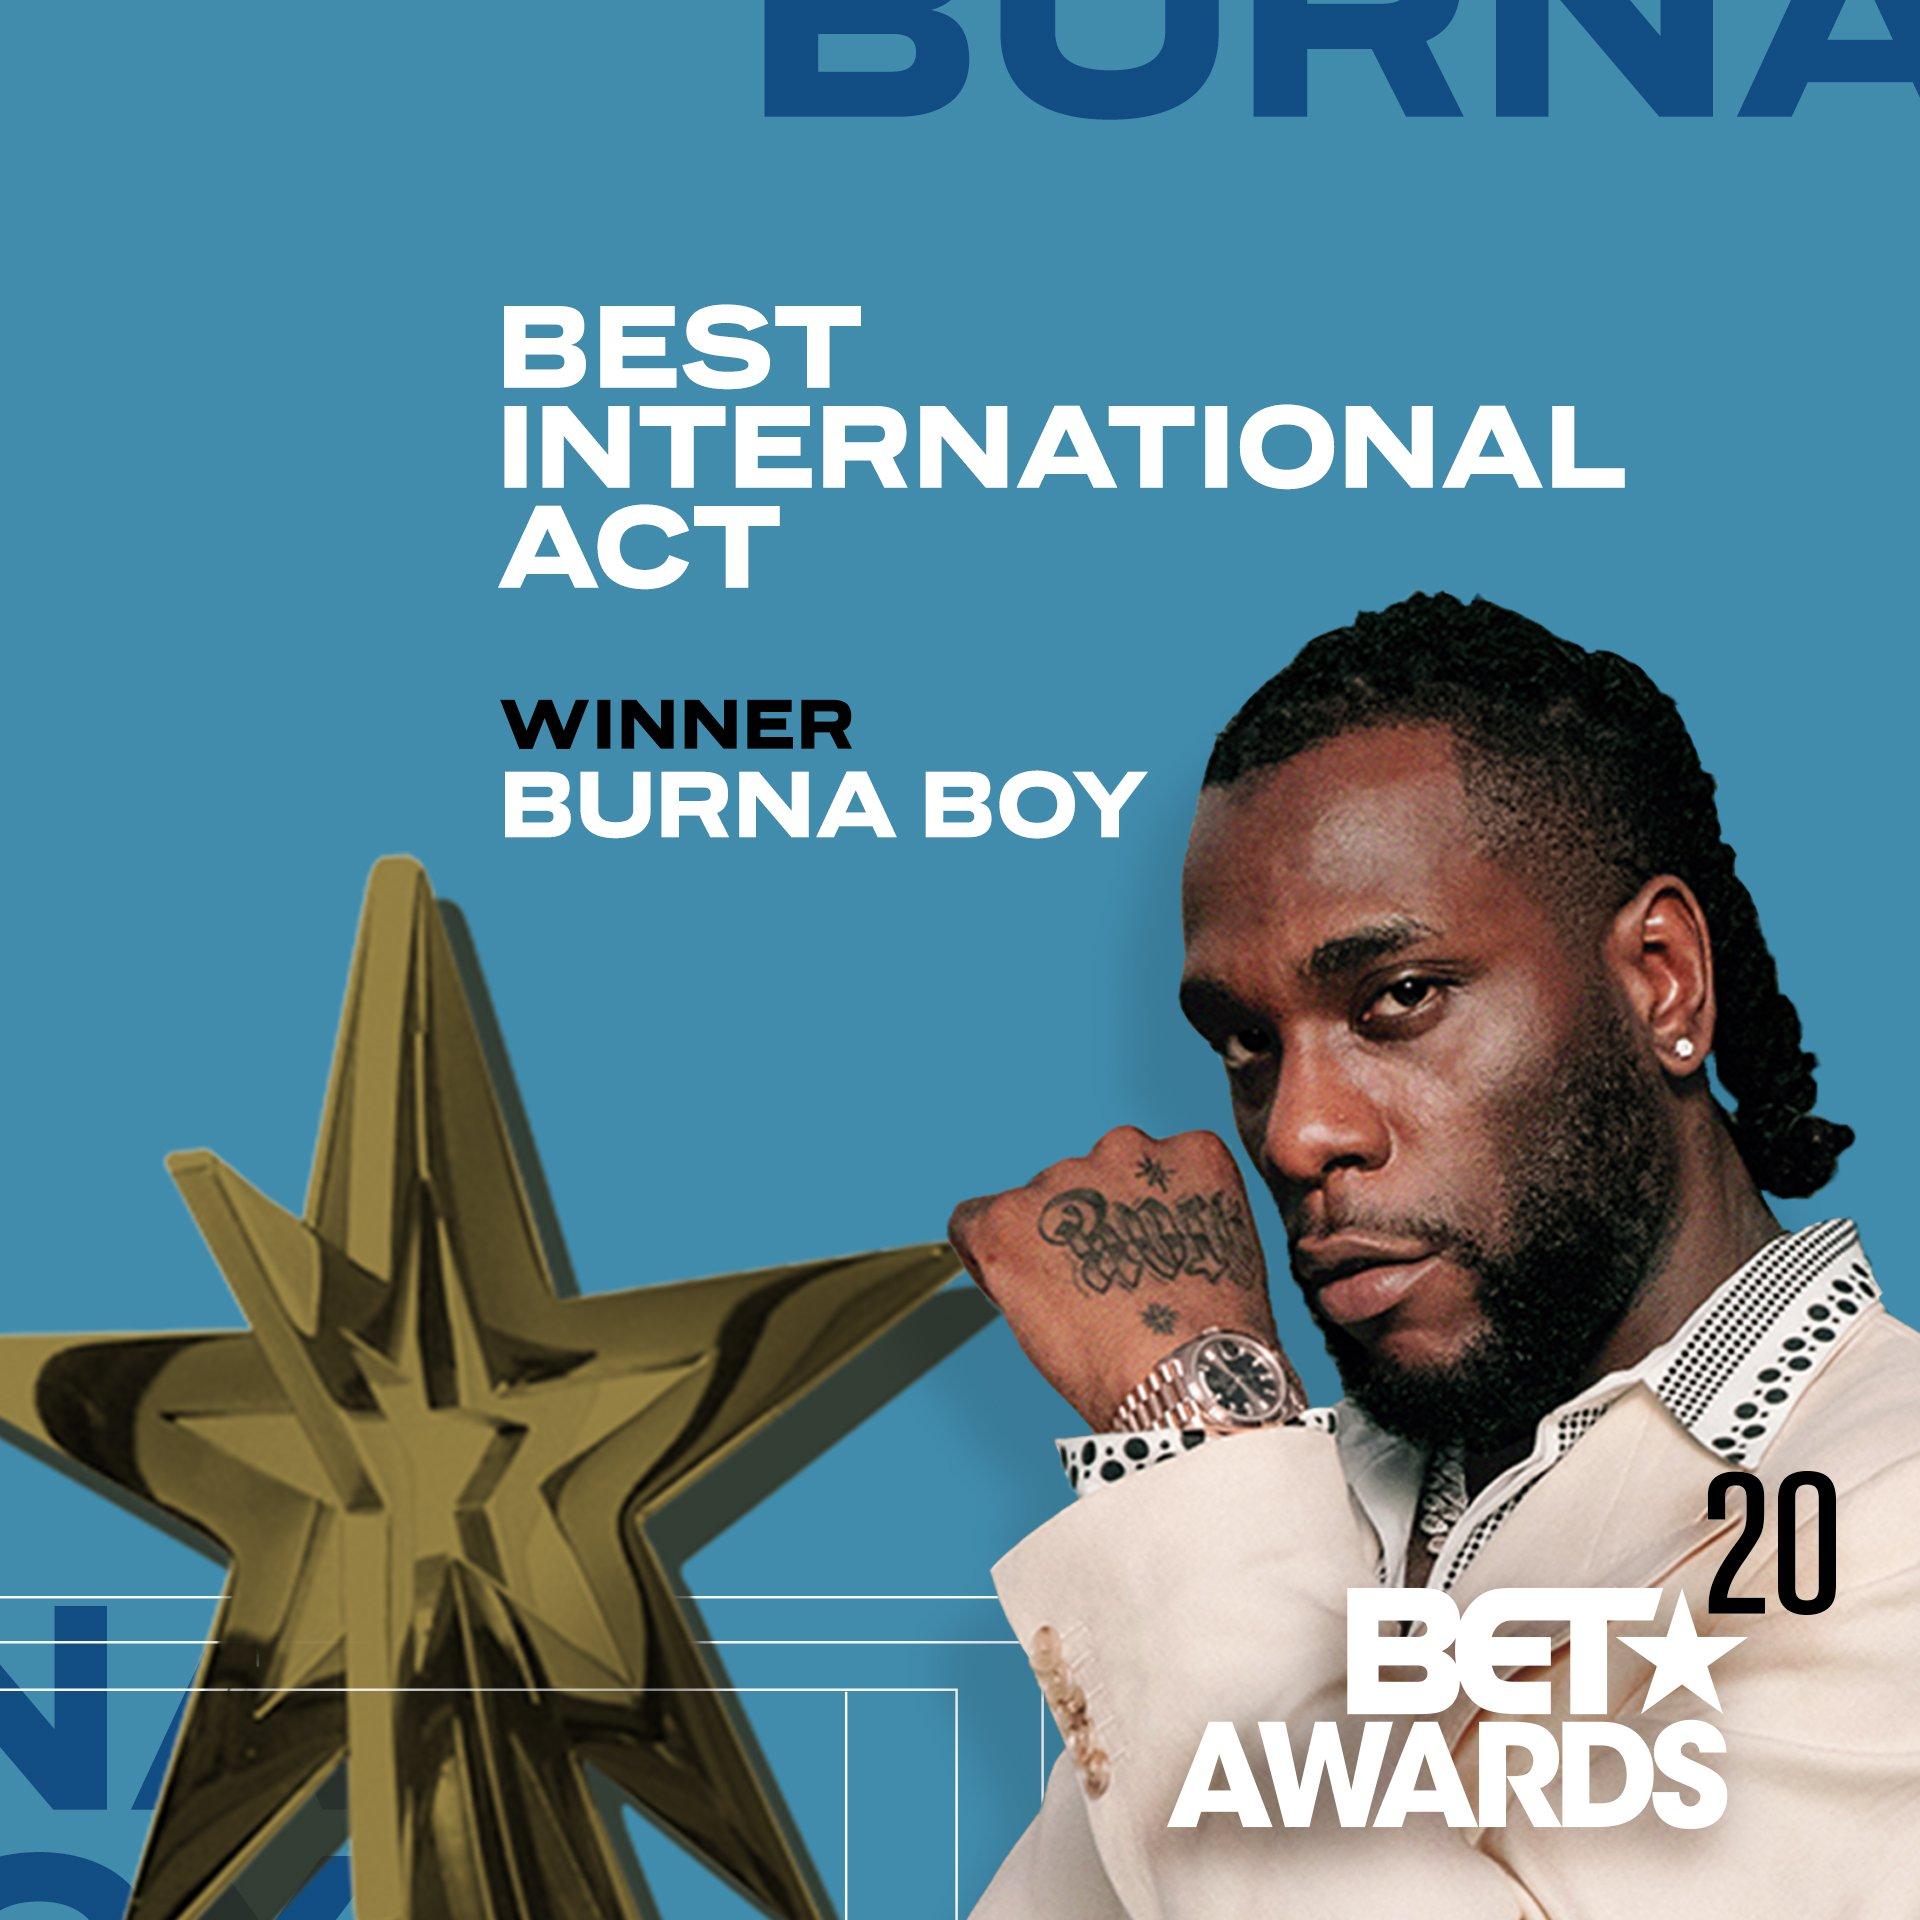 Burna Boy Wins BET Awards 2020 for Best International Act